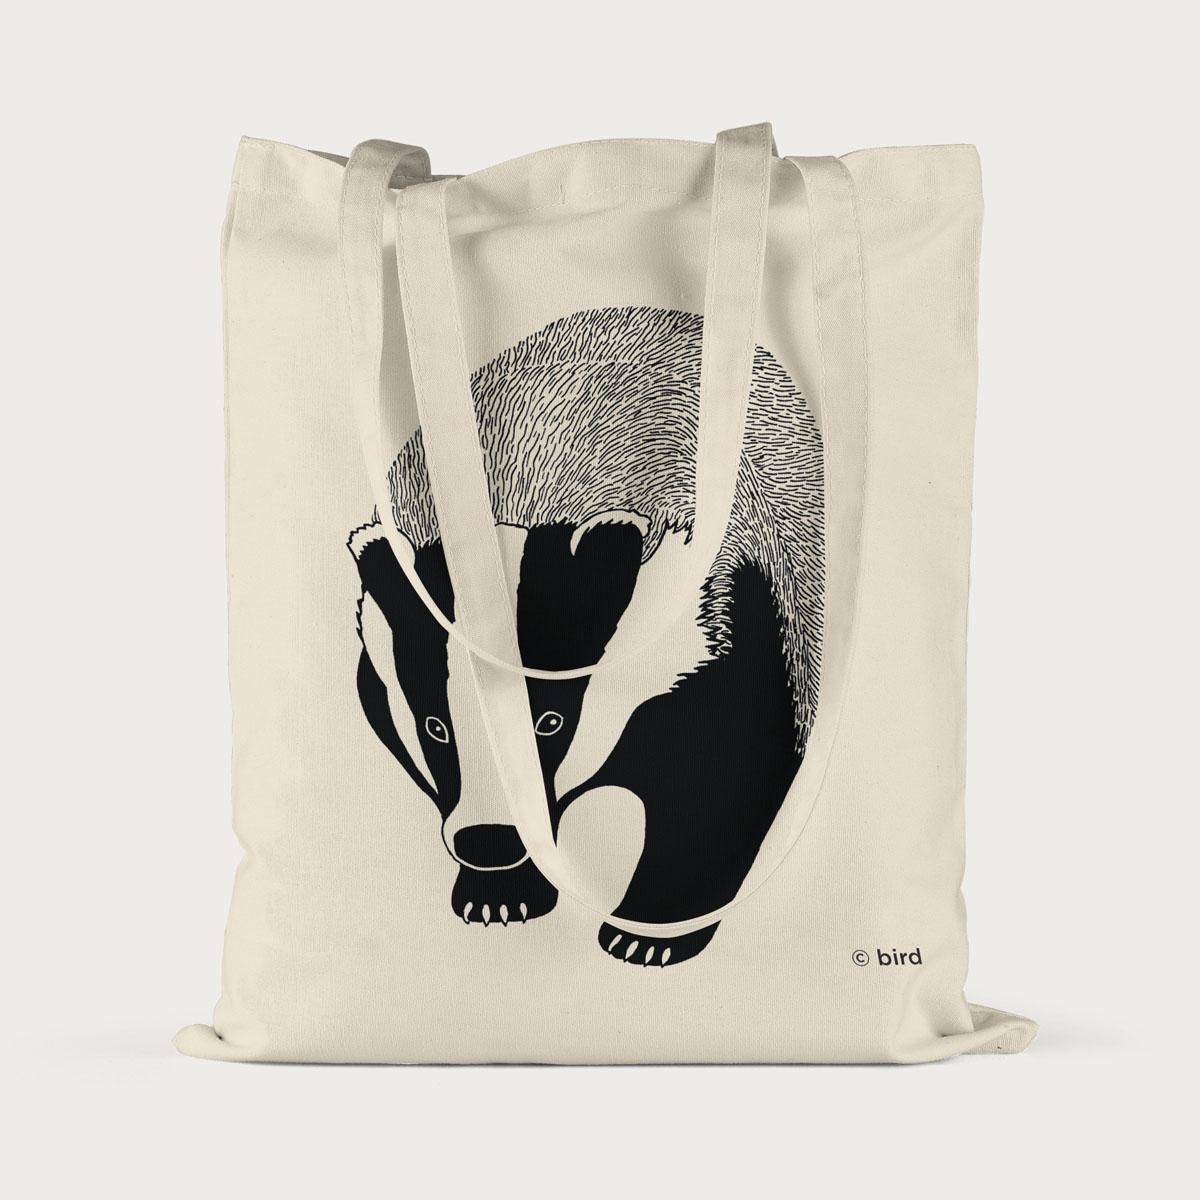 Badger Screen Printed Cotton Tote Bag